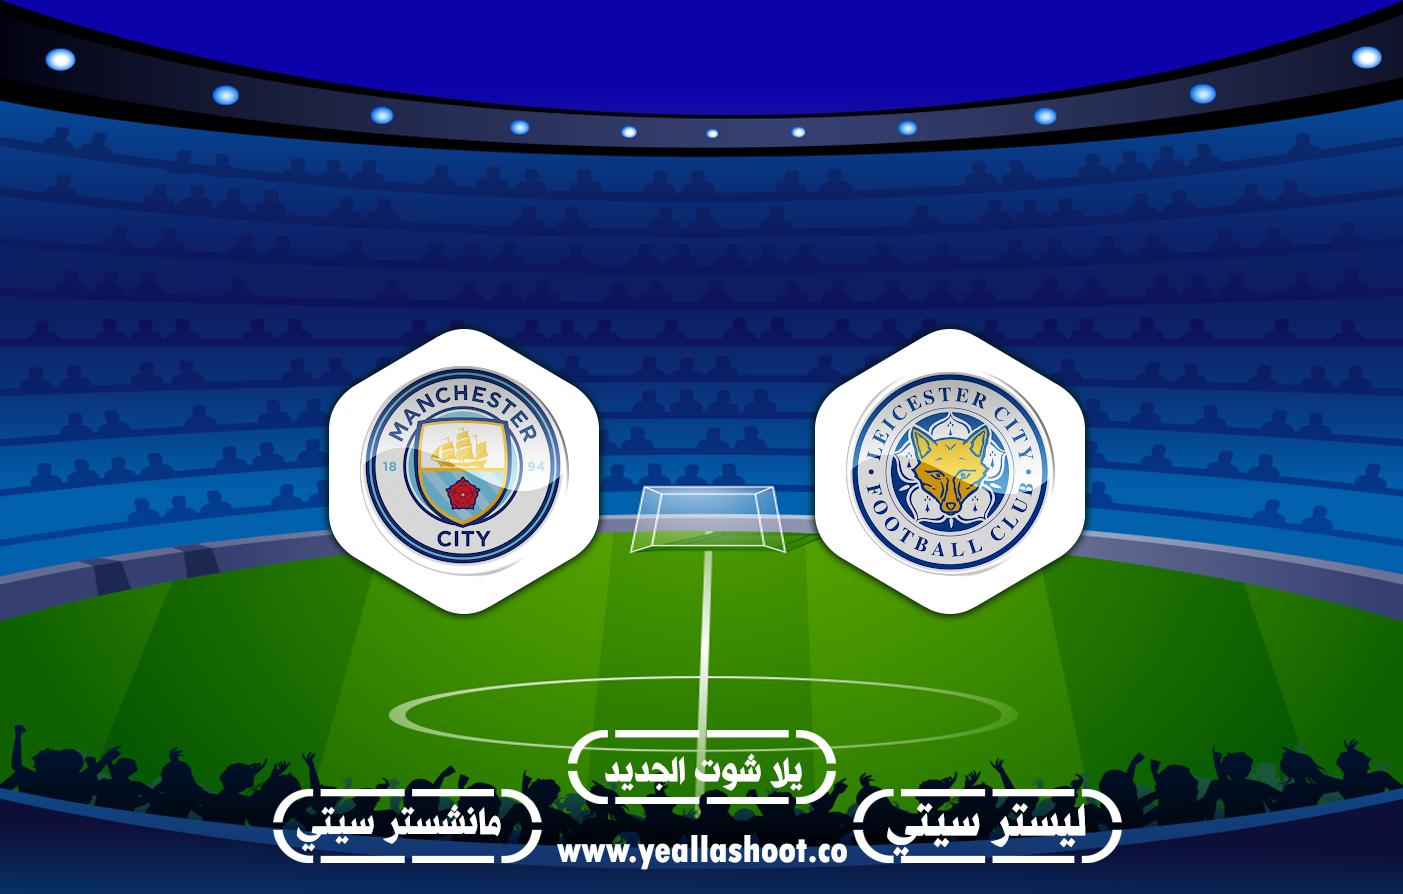 مشاهدة مباراة مانشستر سيتي وليستر سيتي بث مباشر اليوم بتاريخ 27-09-2020 في الدوري الانجليزي